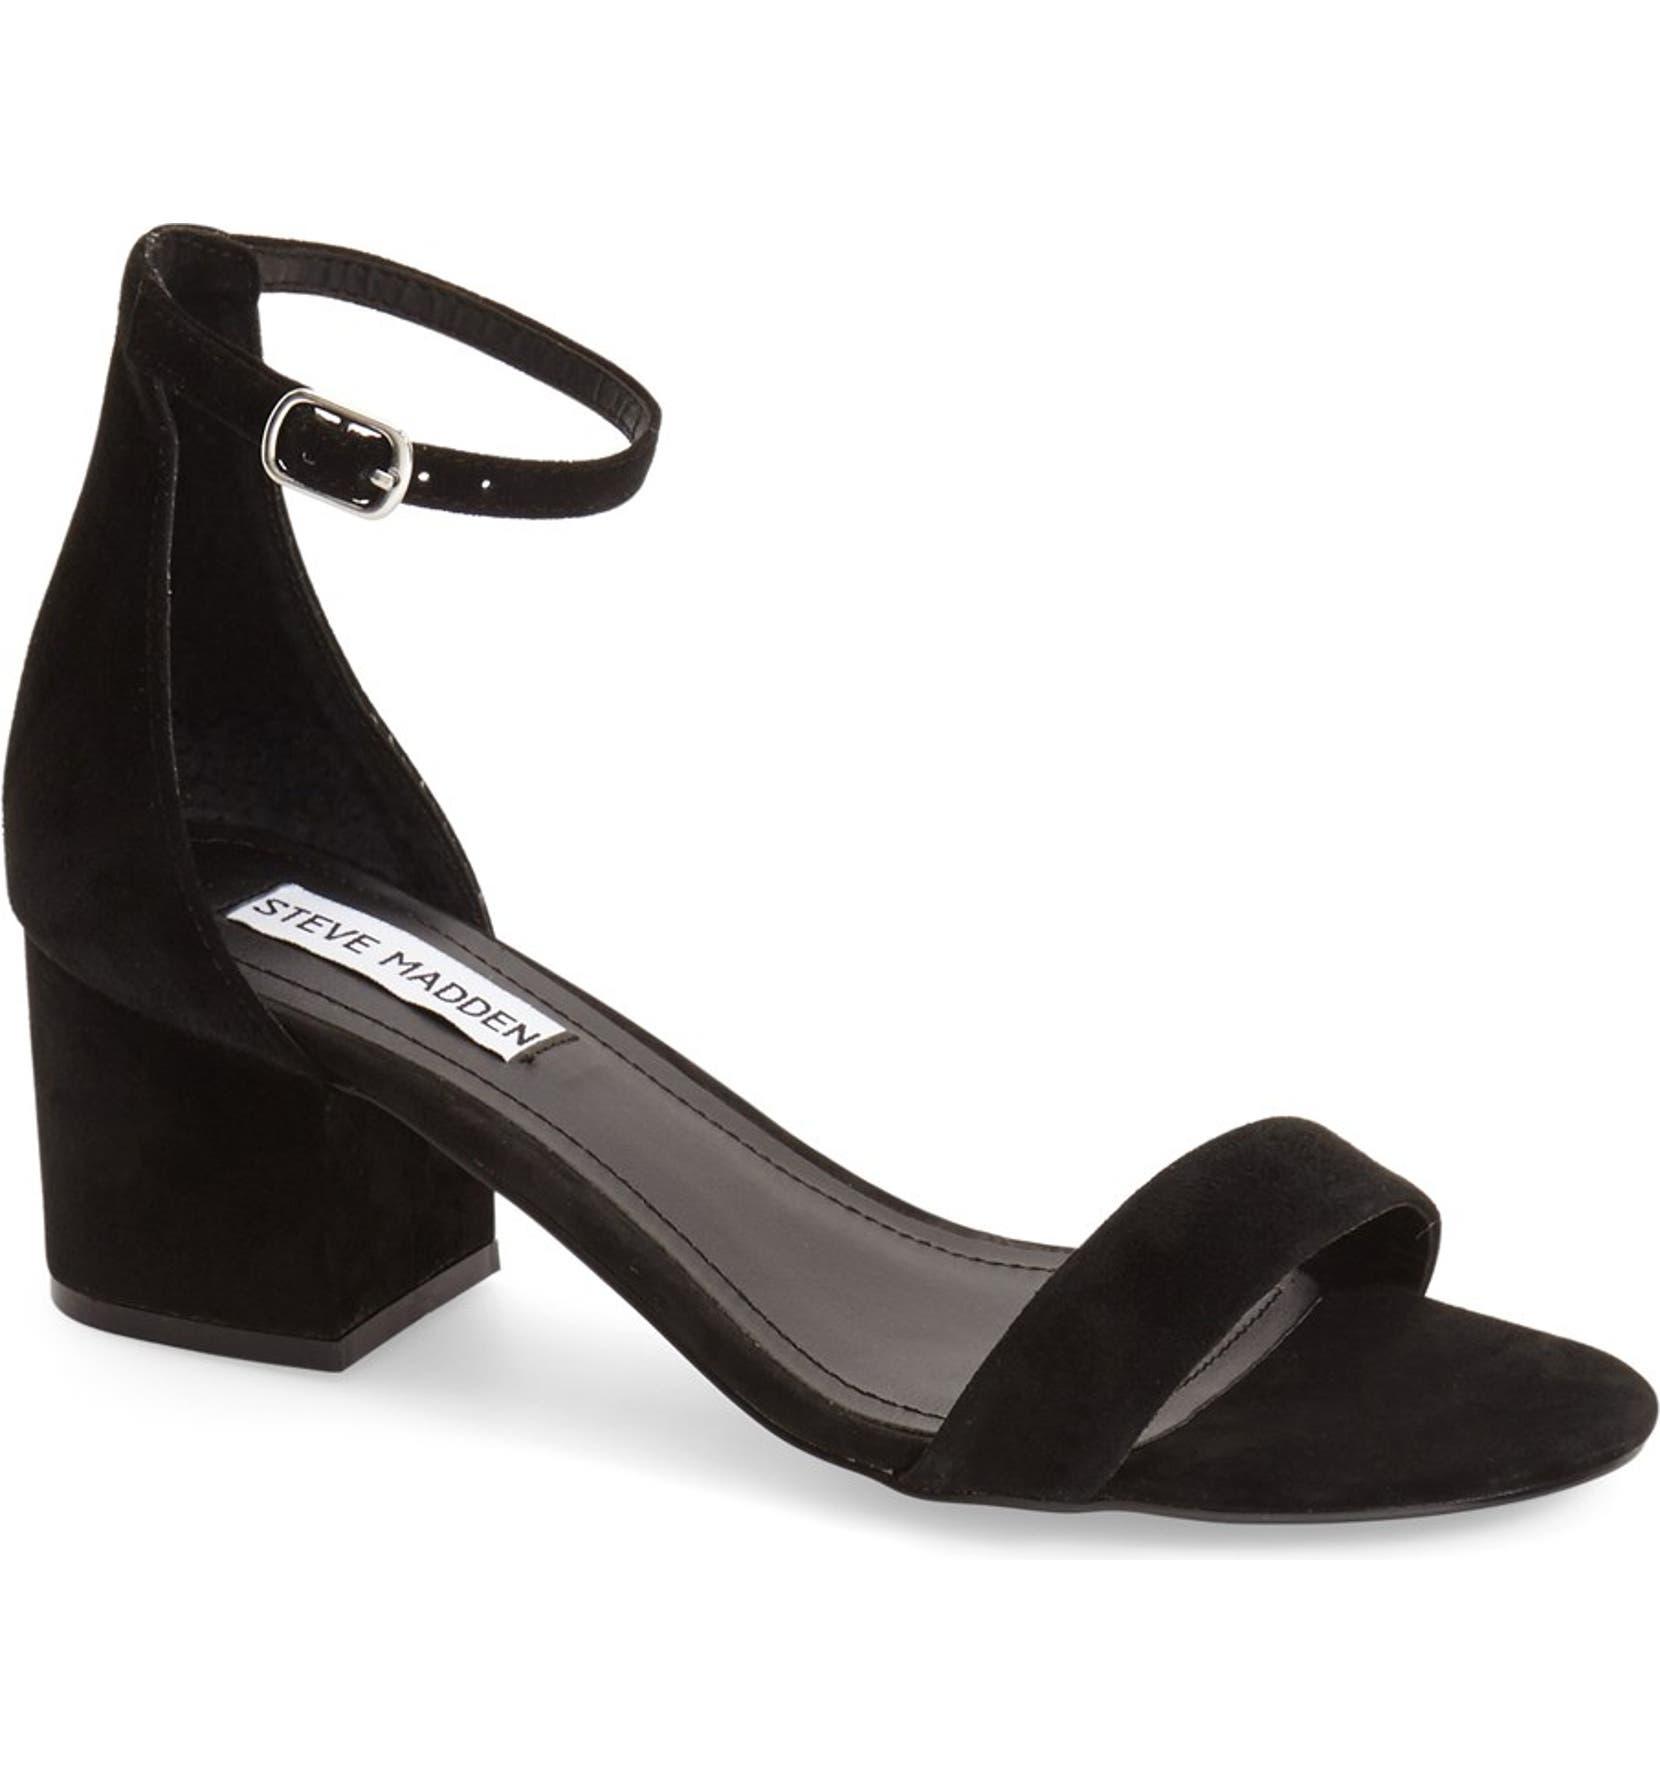 Steve Madden Irenee Ankle Strap Sandale (Damens)     Nordstrom 216373